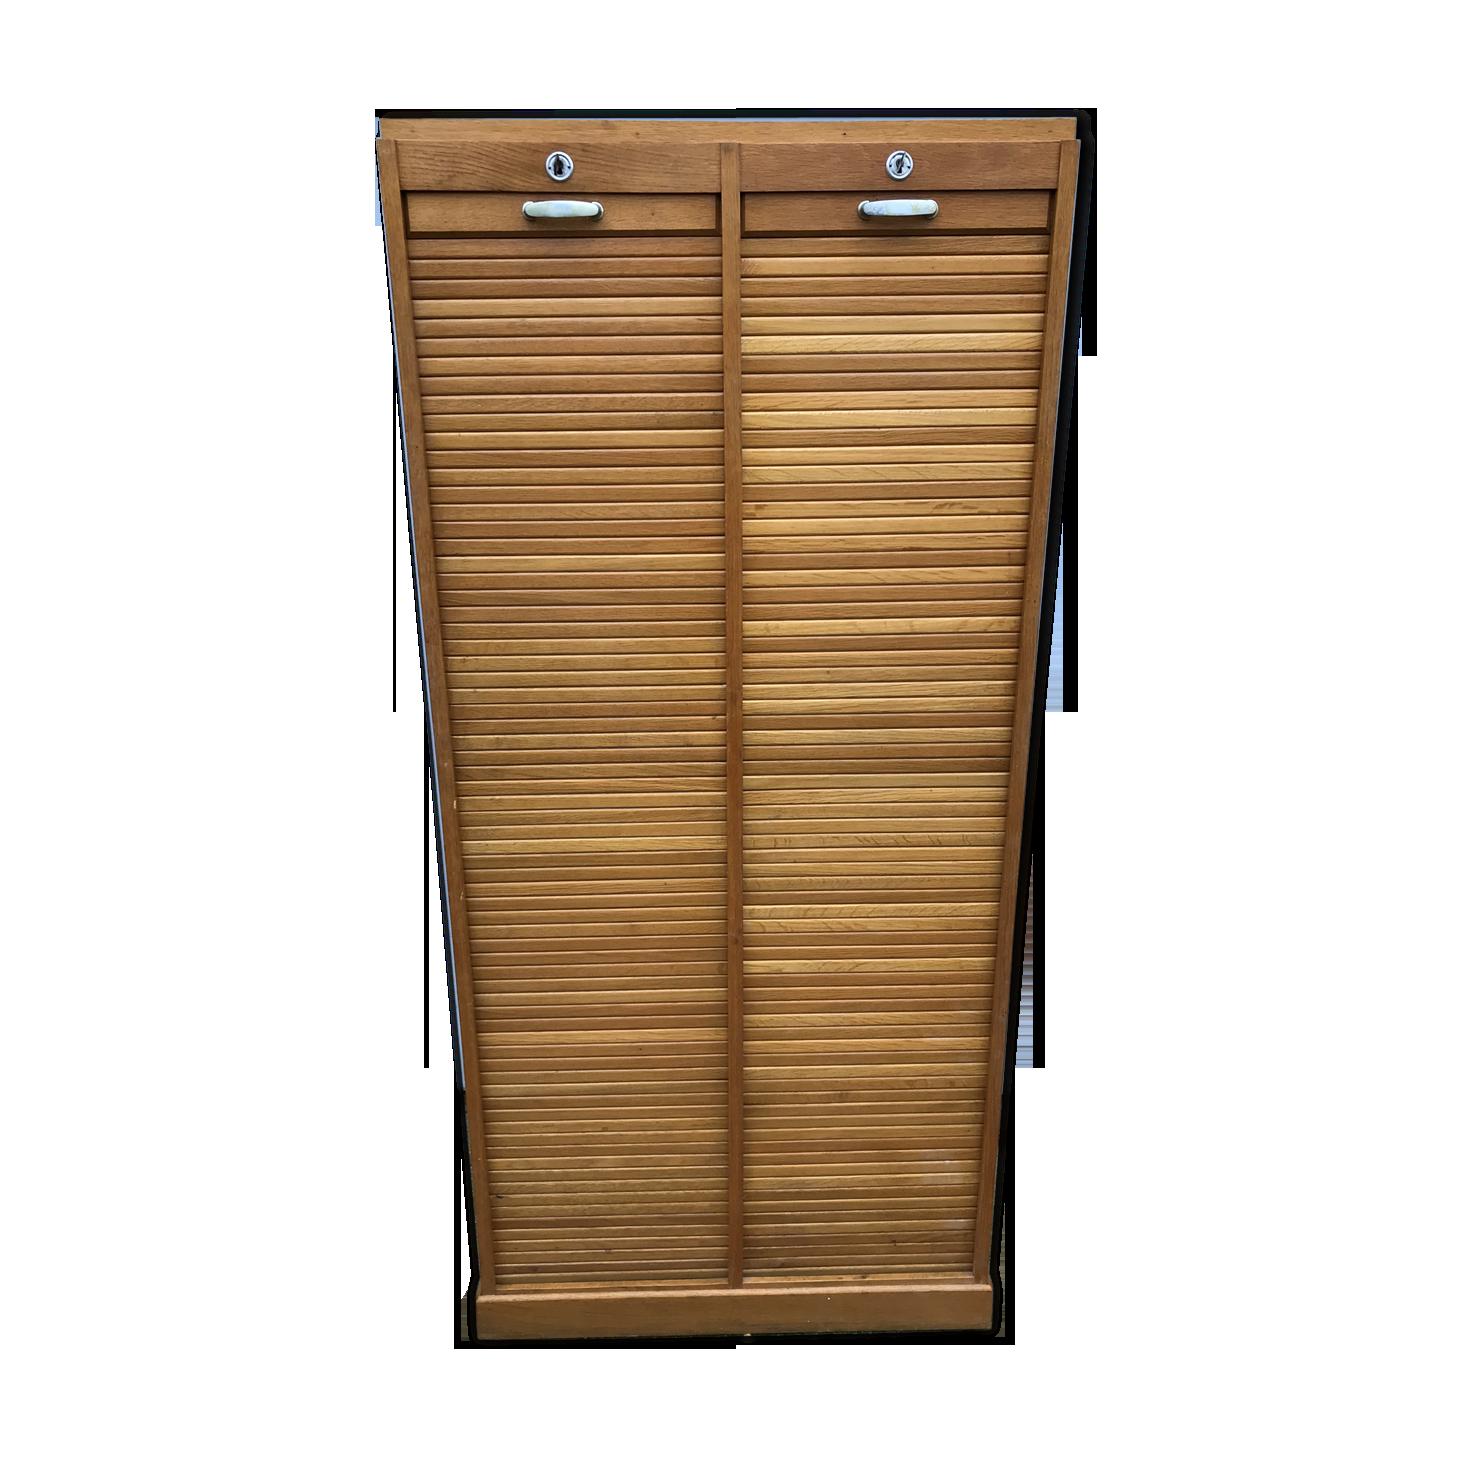 Meuble classeur à rideaux de notaire bois matériau bois